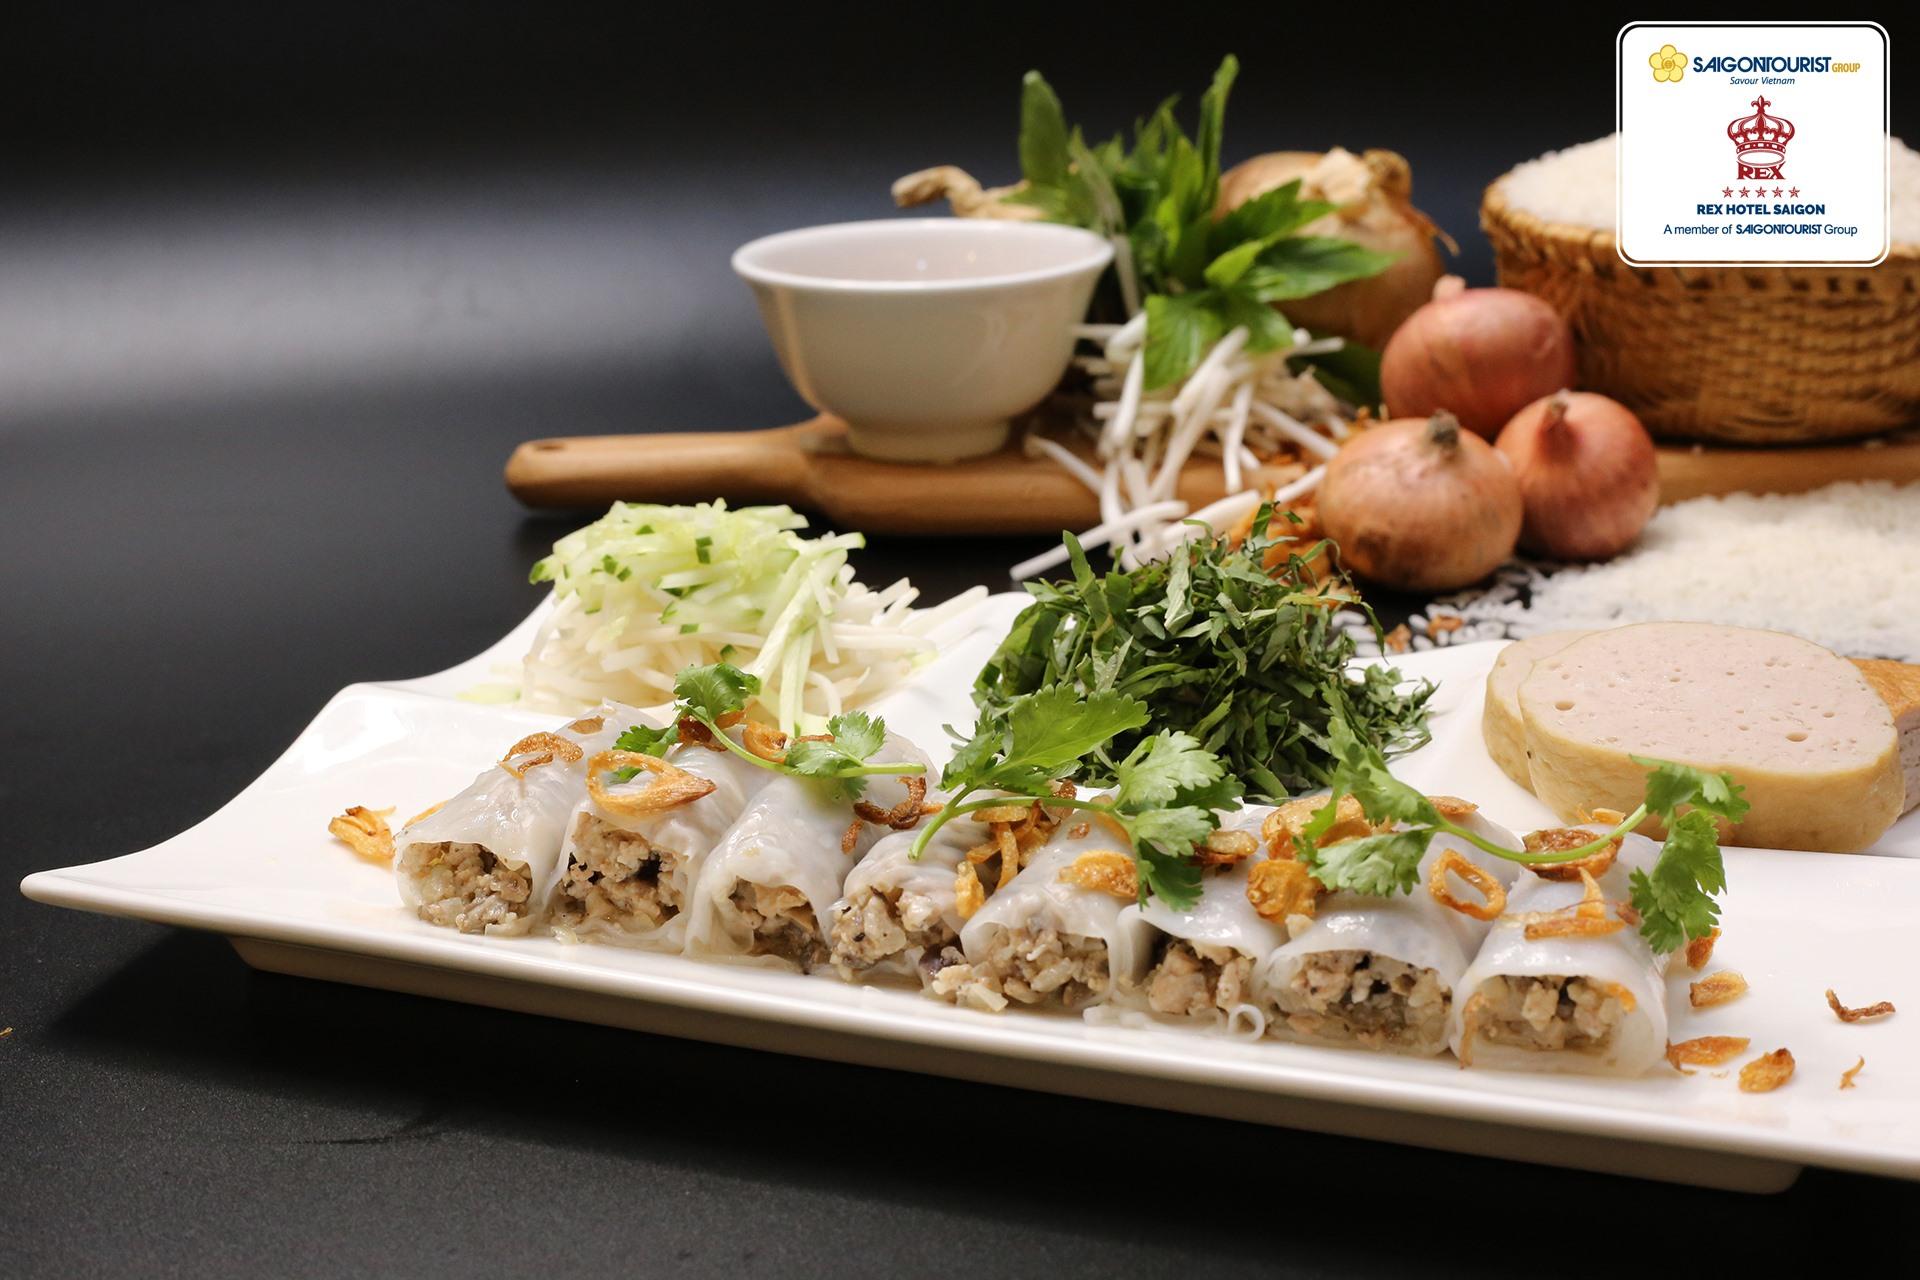 Để đáp ứng tiêu chuẩn an toàn cao nhất cho việc thưởng thức món ngon tại nhà, khách sạn Rex Sài Gòn giới thiệu Chương trình giao hàng tận nơi (Food Delivery) với nhiều món ăn ưa thích gồm cả Bữa sáng & Bữa trưa.